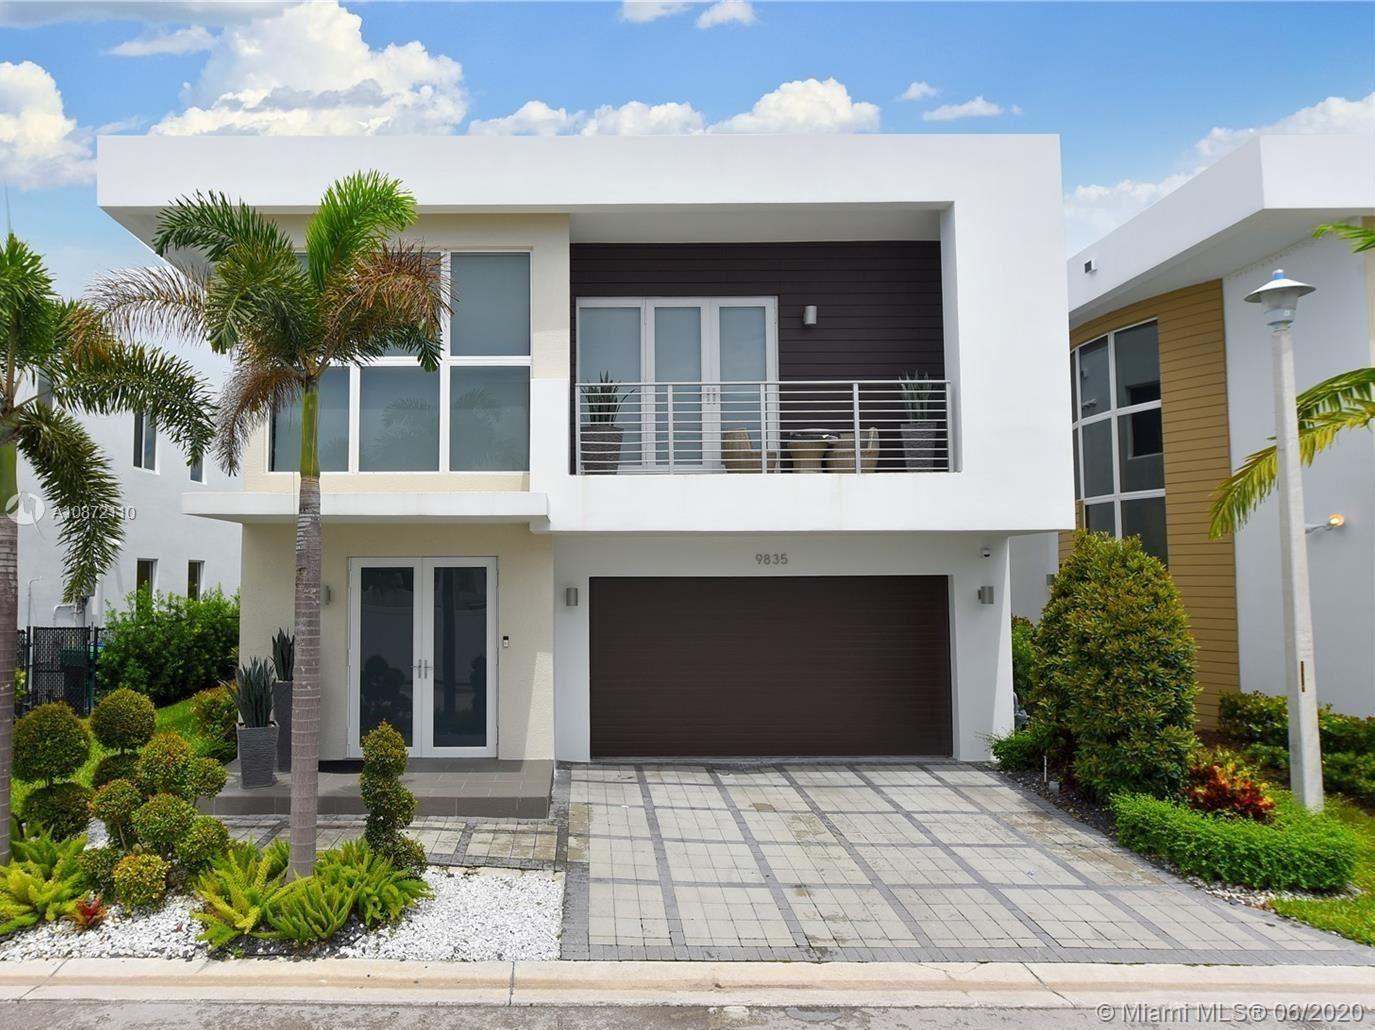 9835 NW 75th Terrace, Miami, FL 33178 - #: A10872110